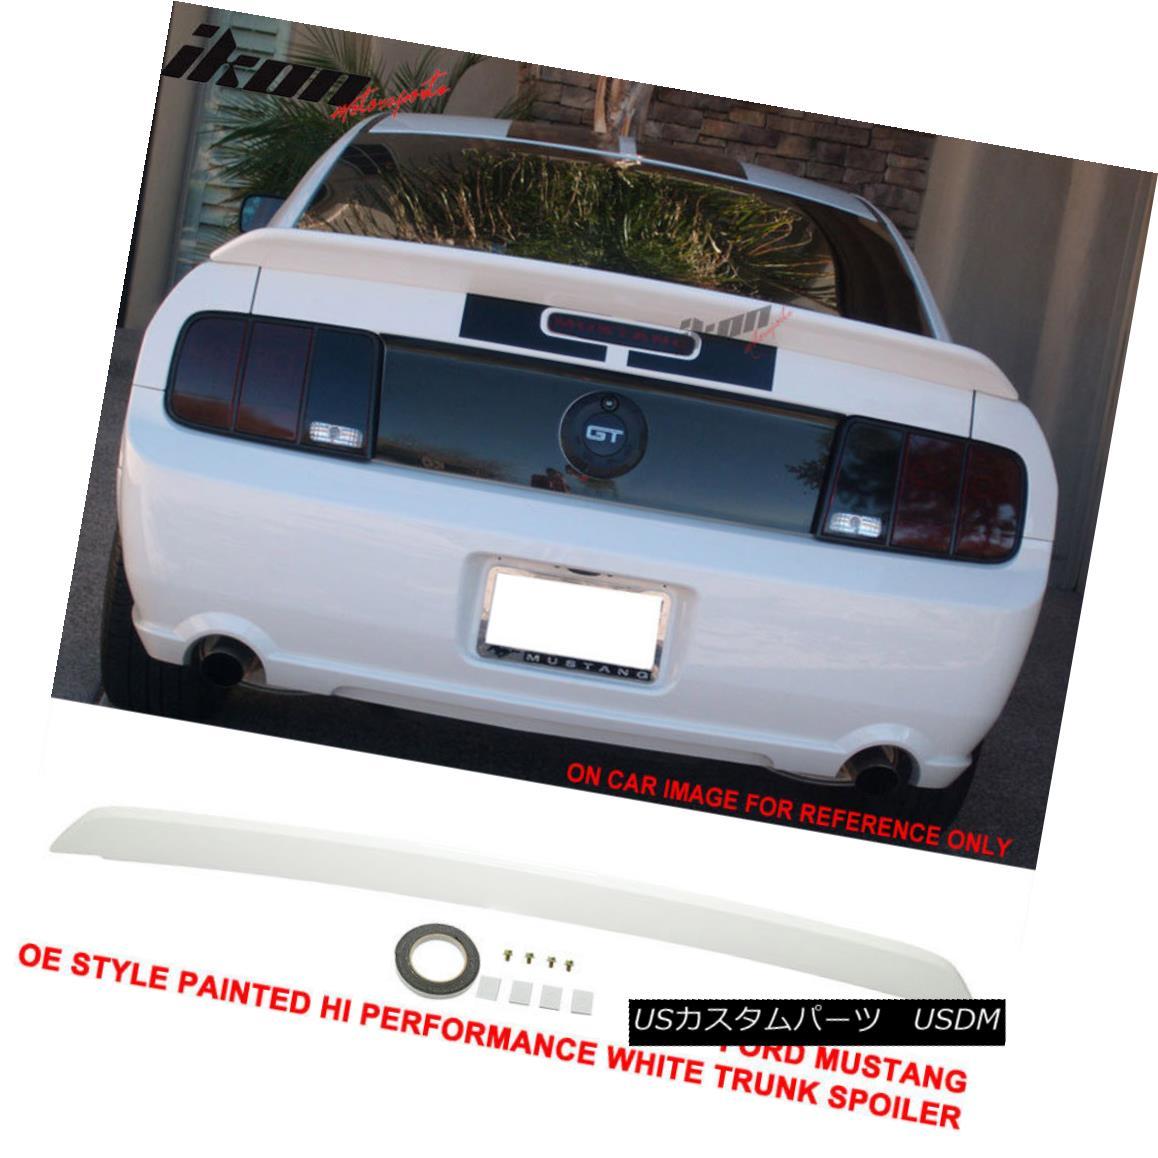 エアロパーツ 05-09 Mustang OE Style Painted # HP Hi Performance White Trunk Spoiler - ABS 05-09ムスタングOEスタイル塗装済み#HPハイパフォーマンスホワイトトランクスポイラー - ABS